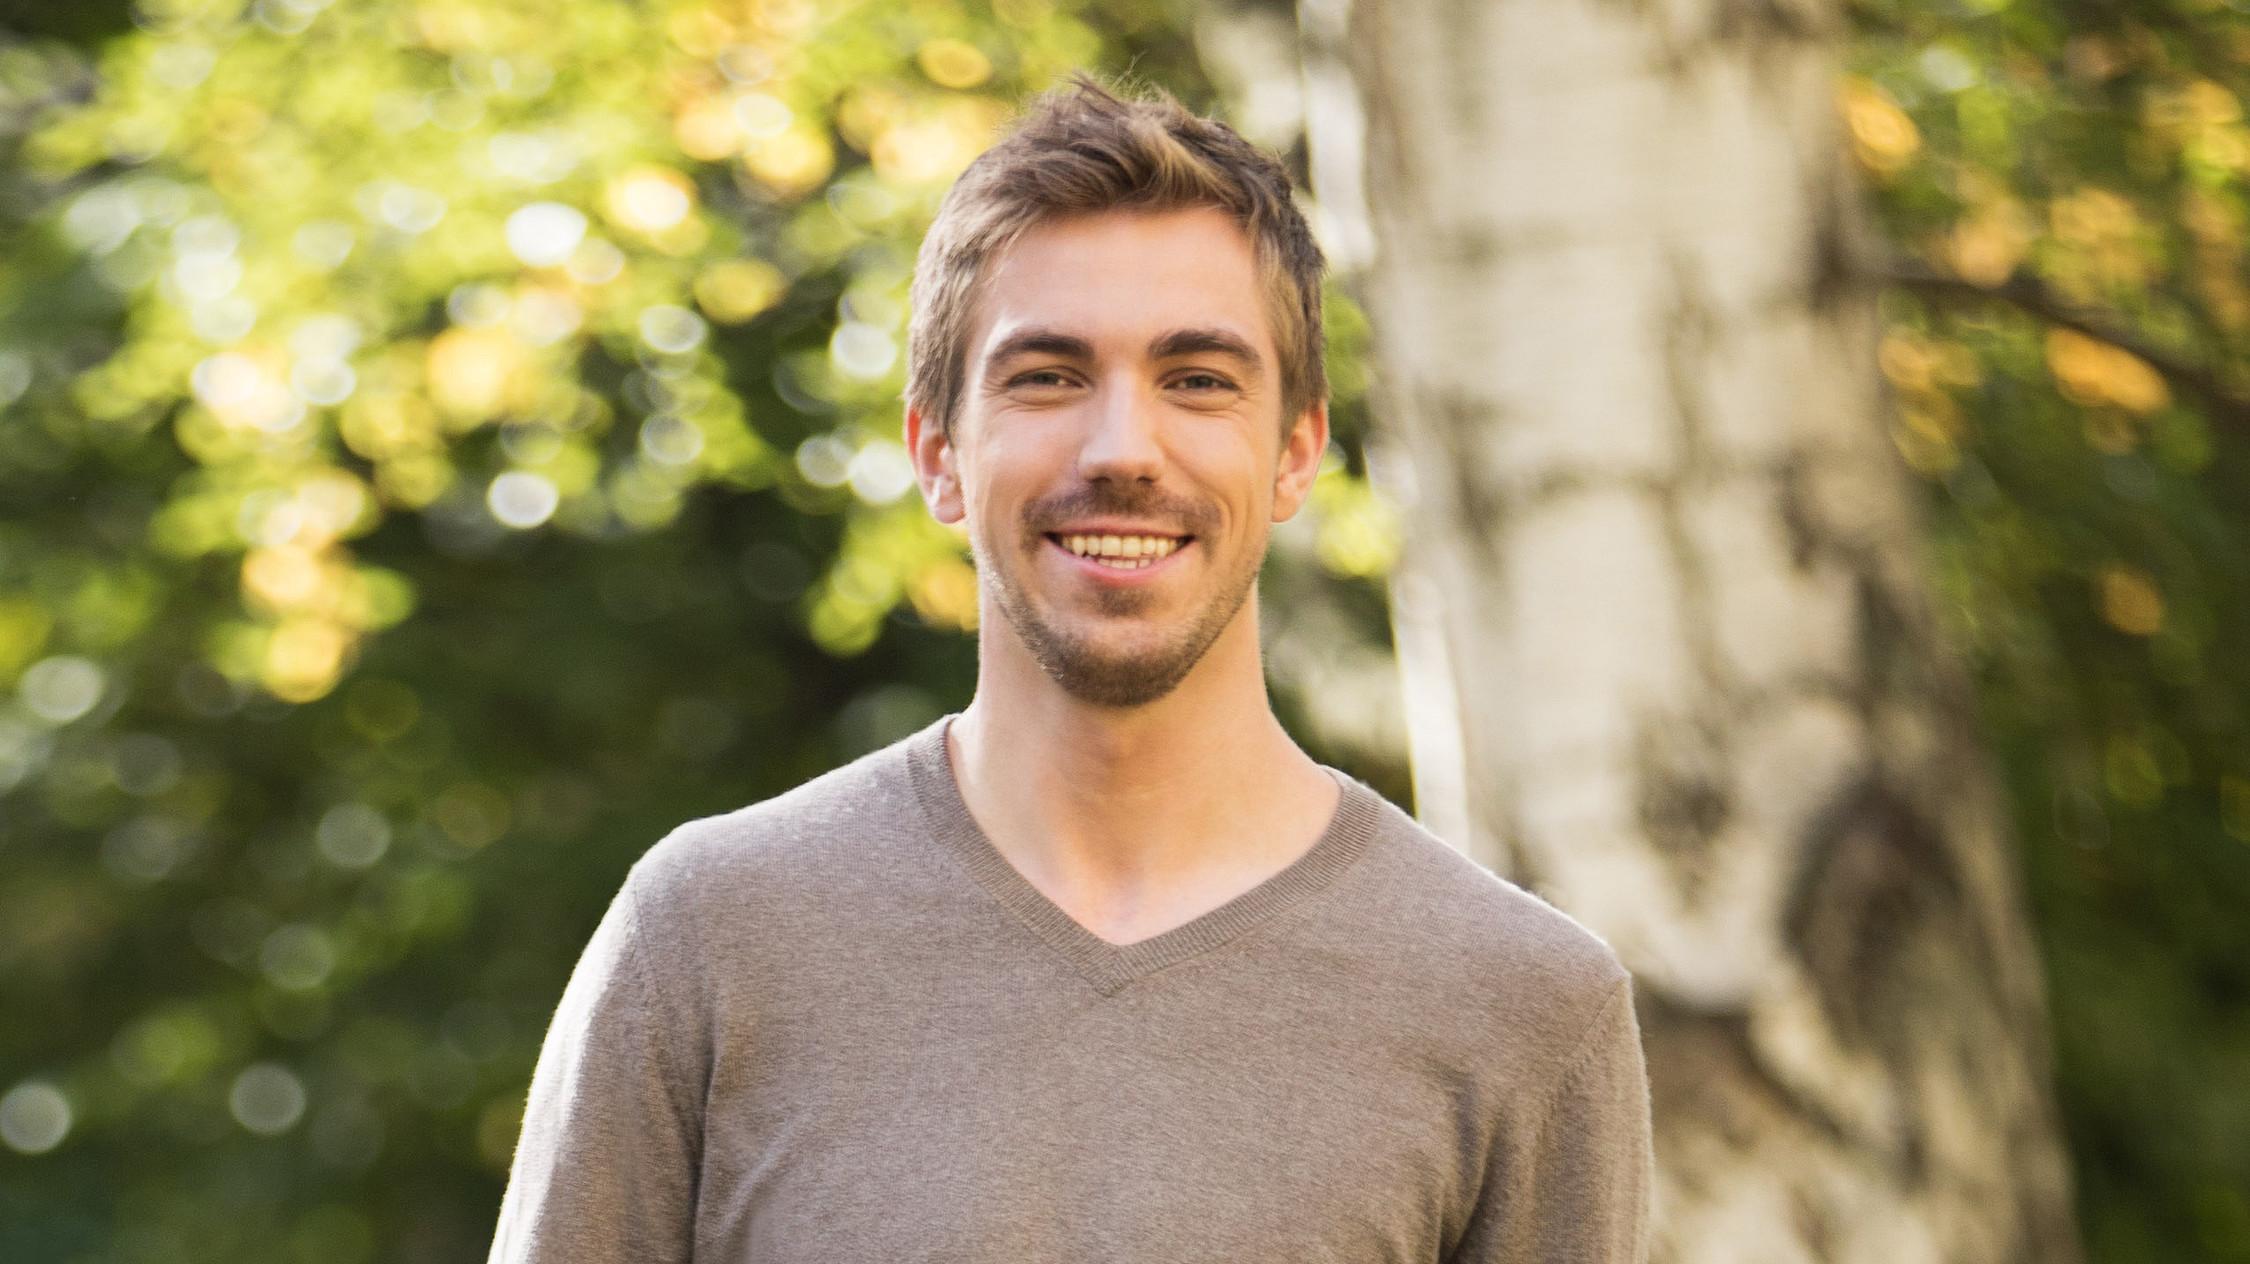 Haushaltsoptimierung: Junger Mann lächelt zufrieden